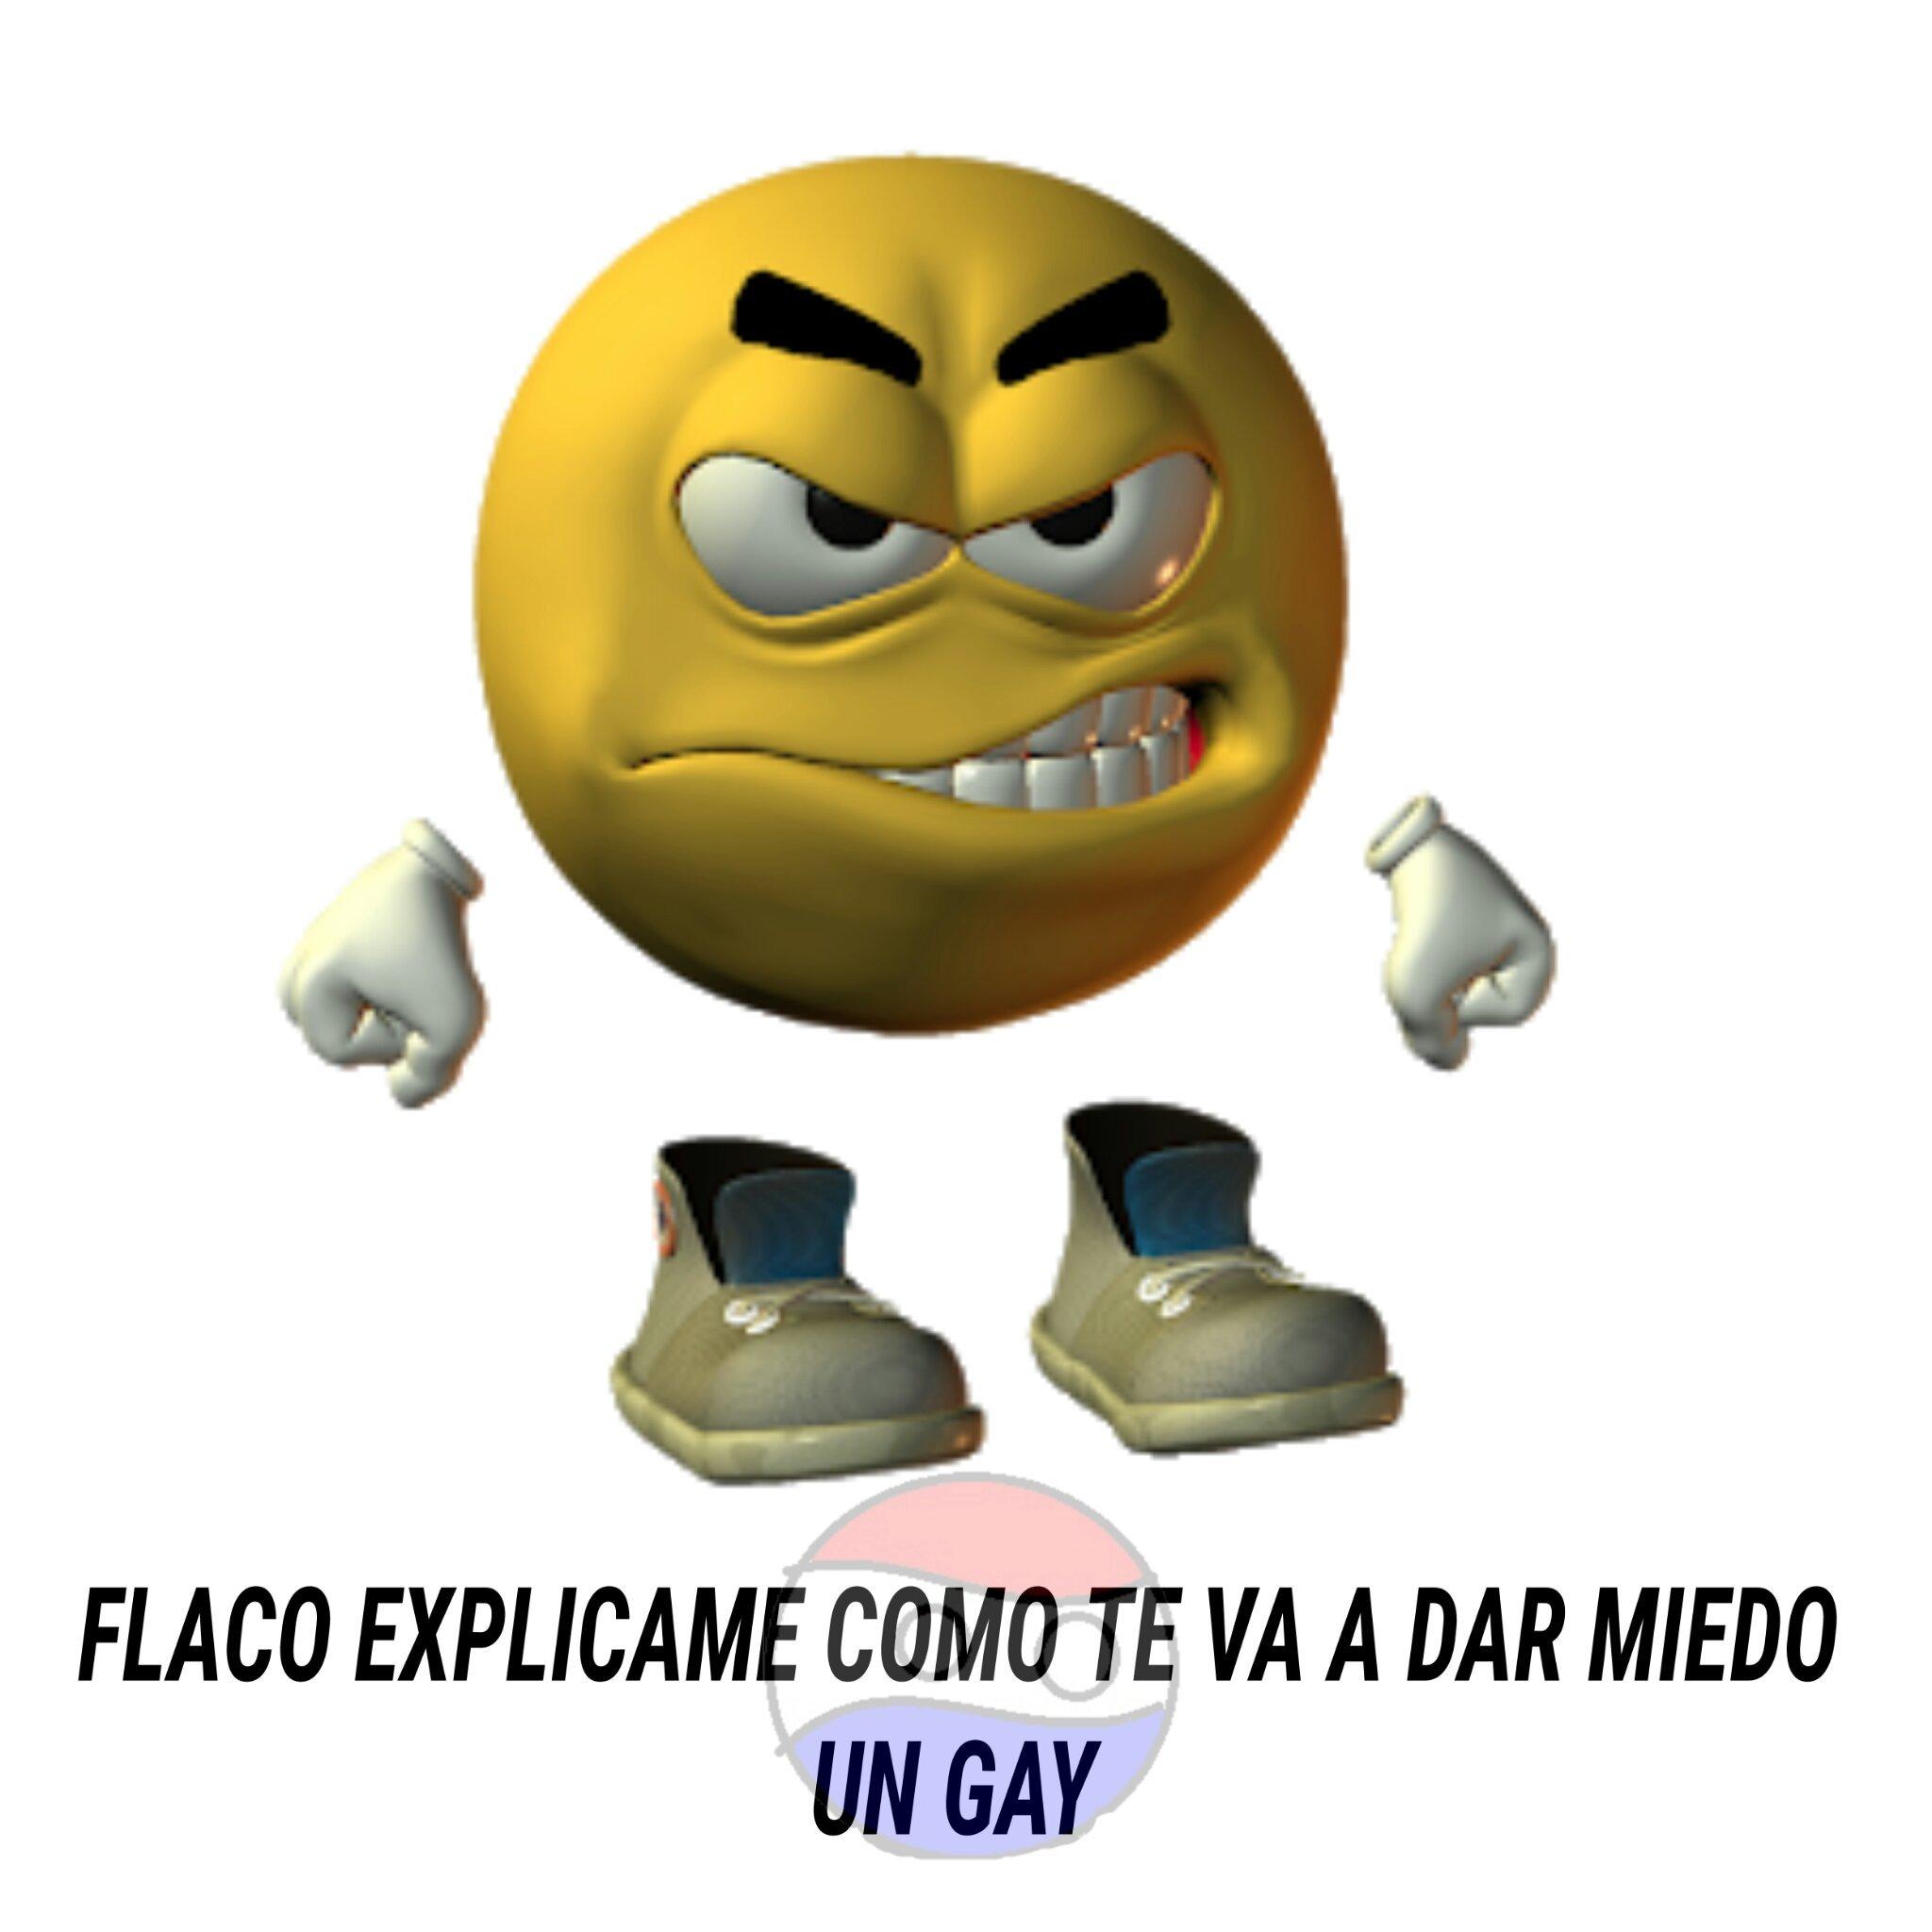 Como te va a dar miedo un gay - meme